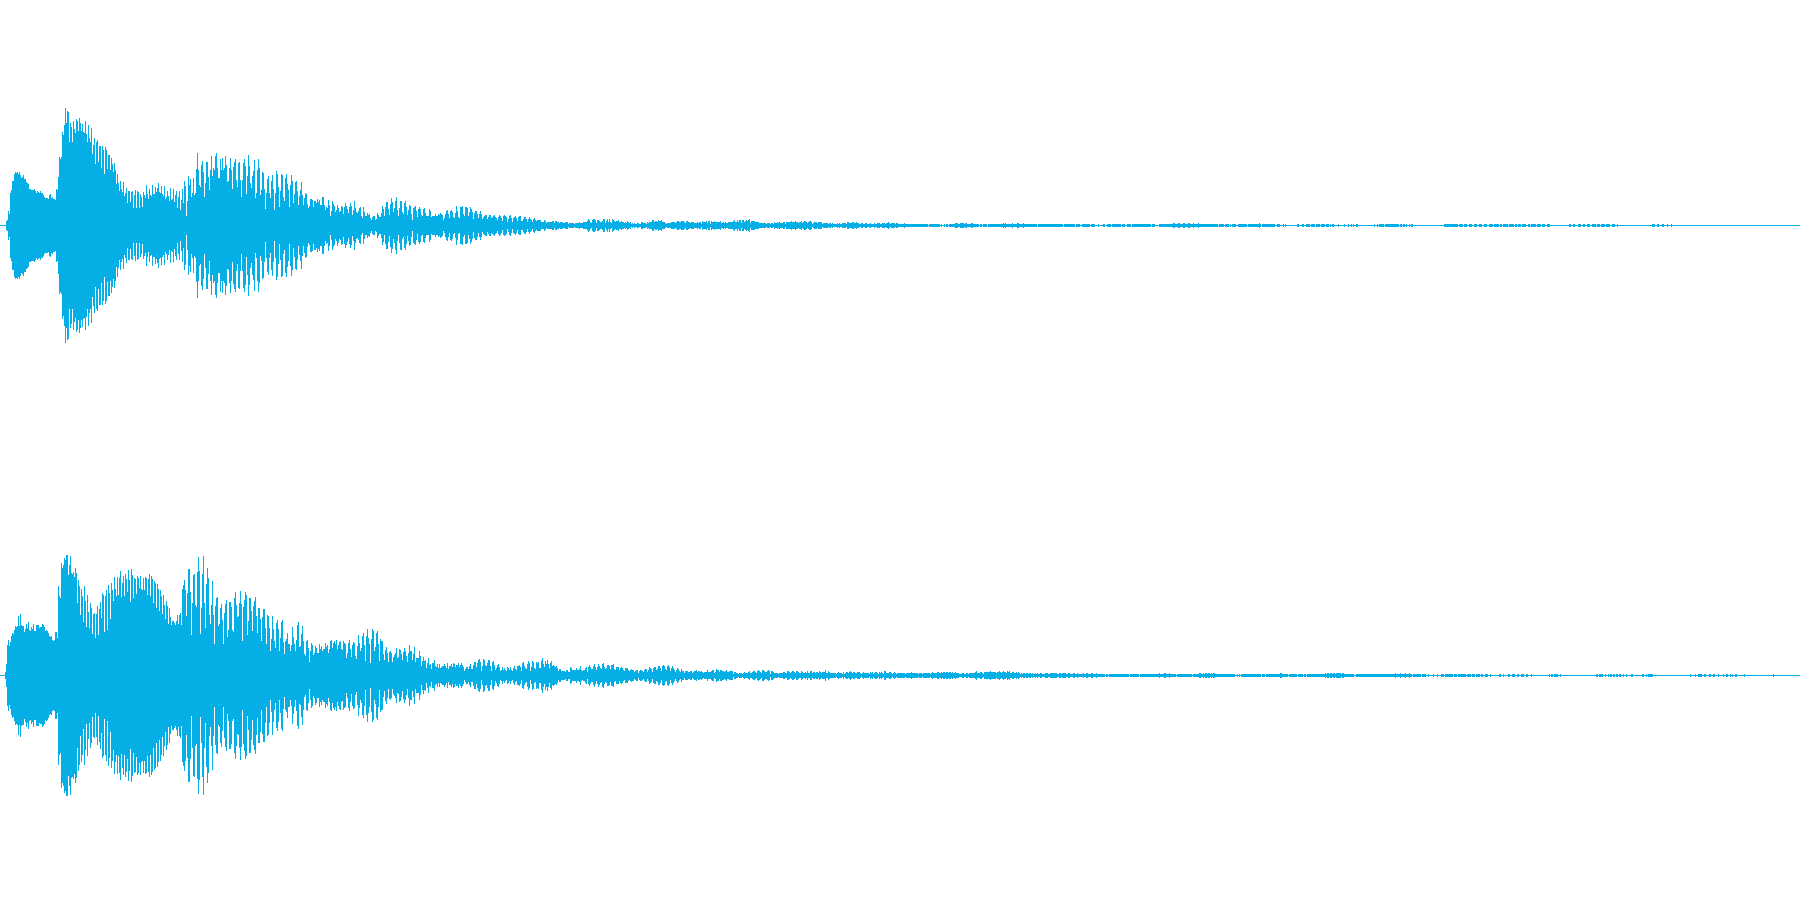 ピコリーン キャンセル音の再生済みの波形